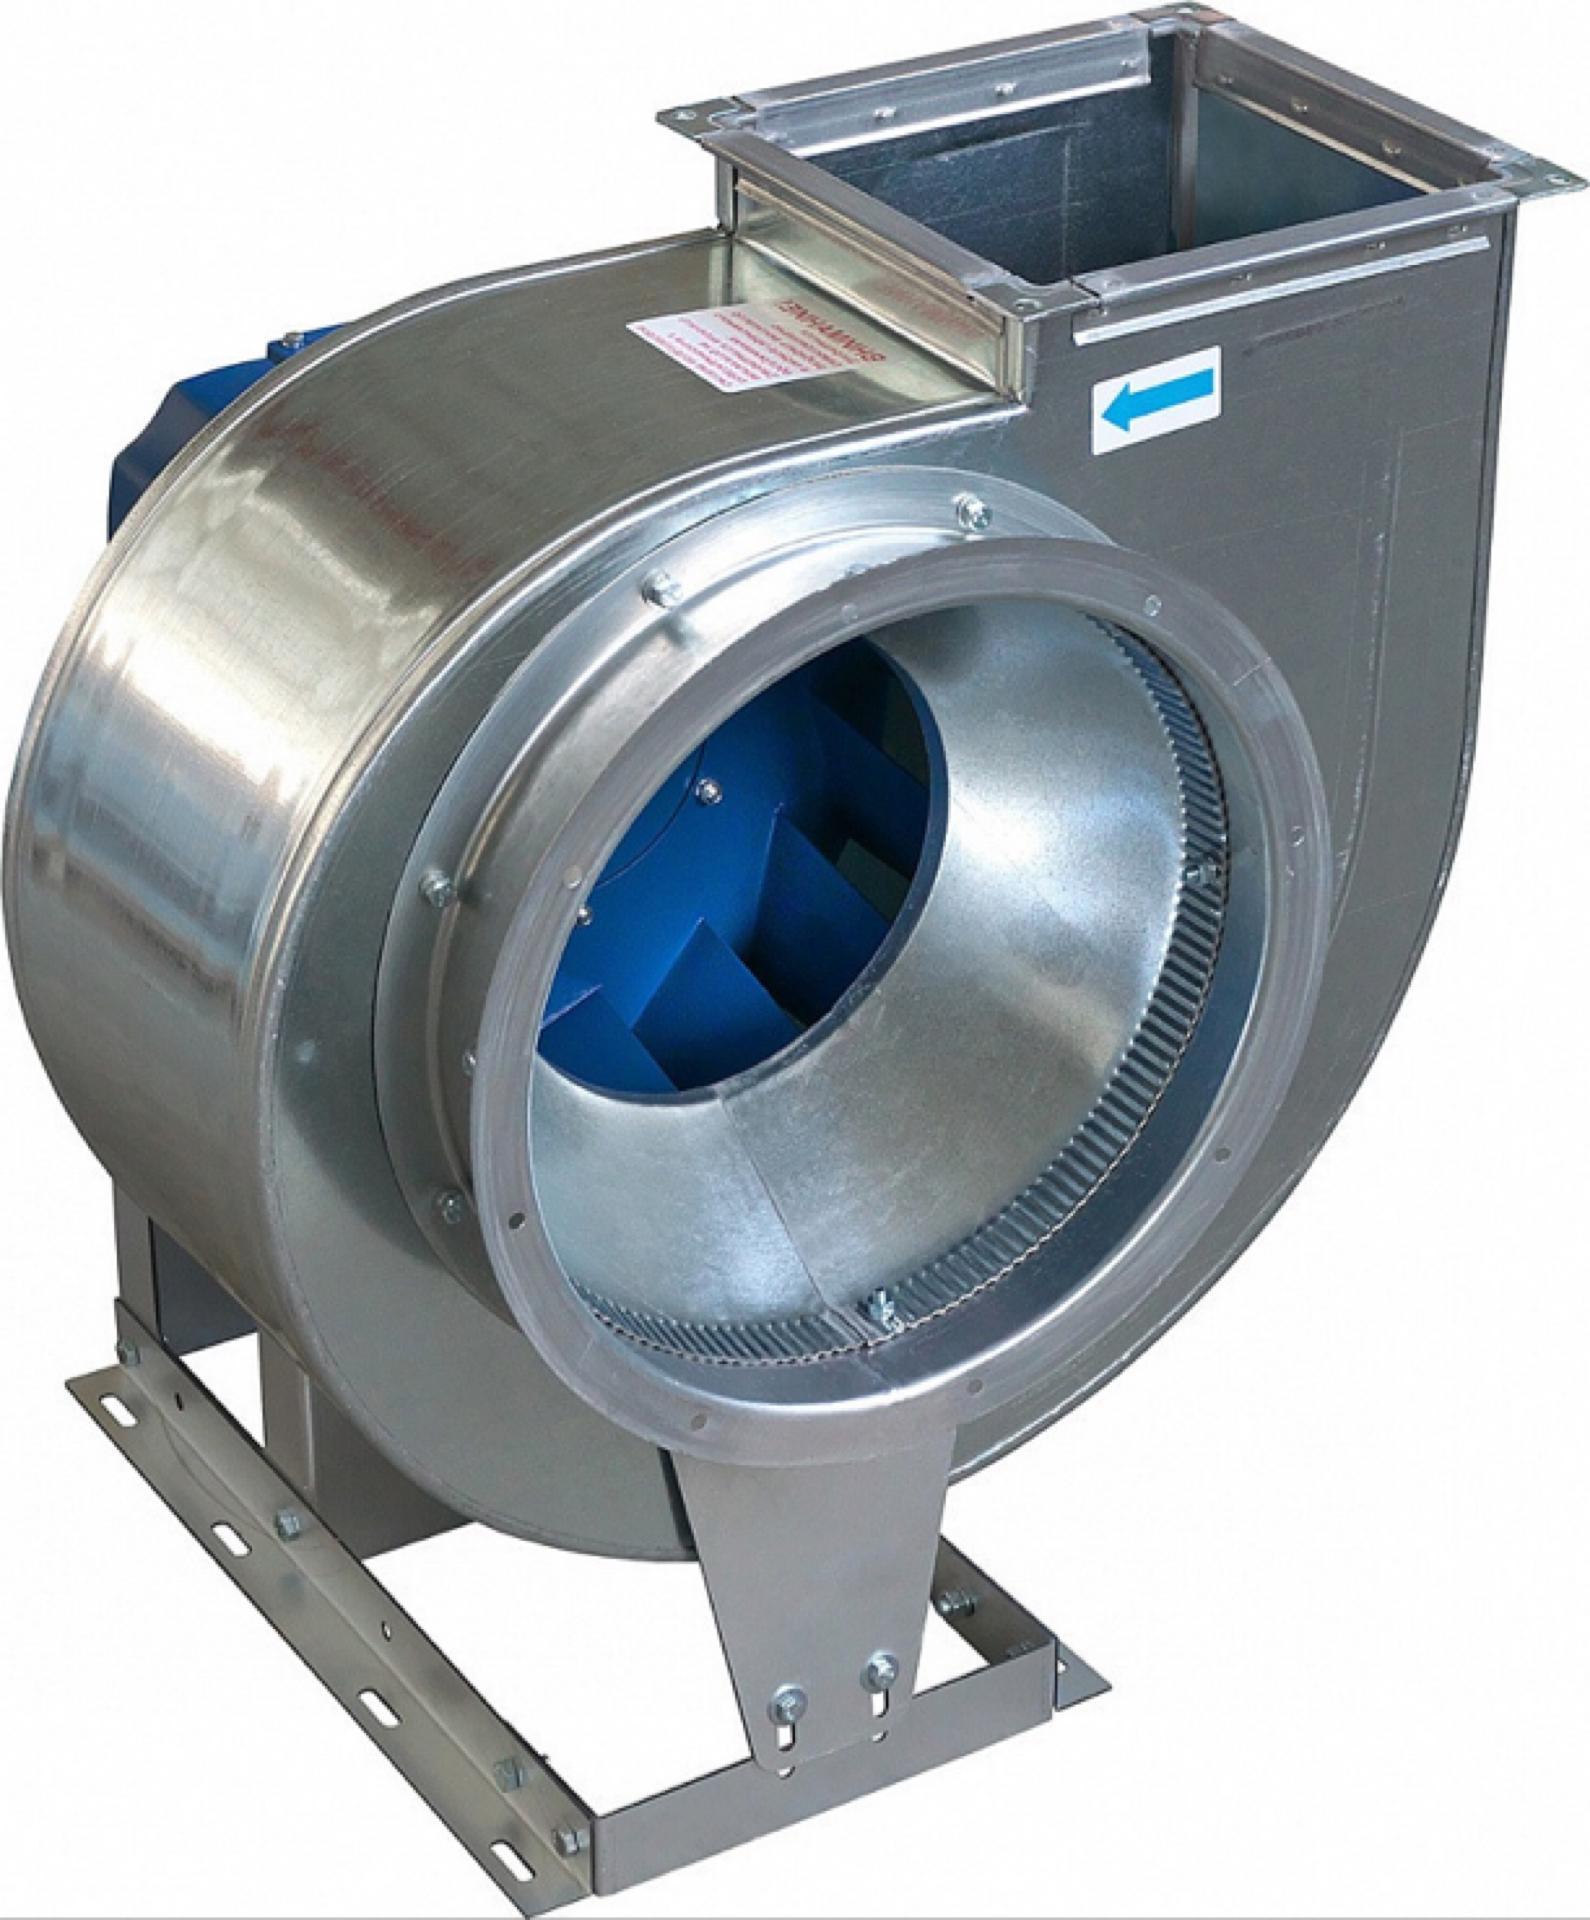 Вентилятор ВР-86-77-4,0 0,55 кВт*1500 об/мин ЛО (Д=0,9Дн)